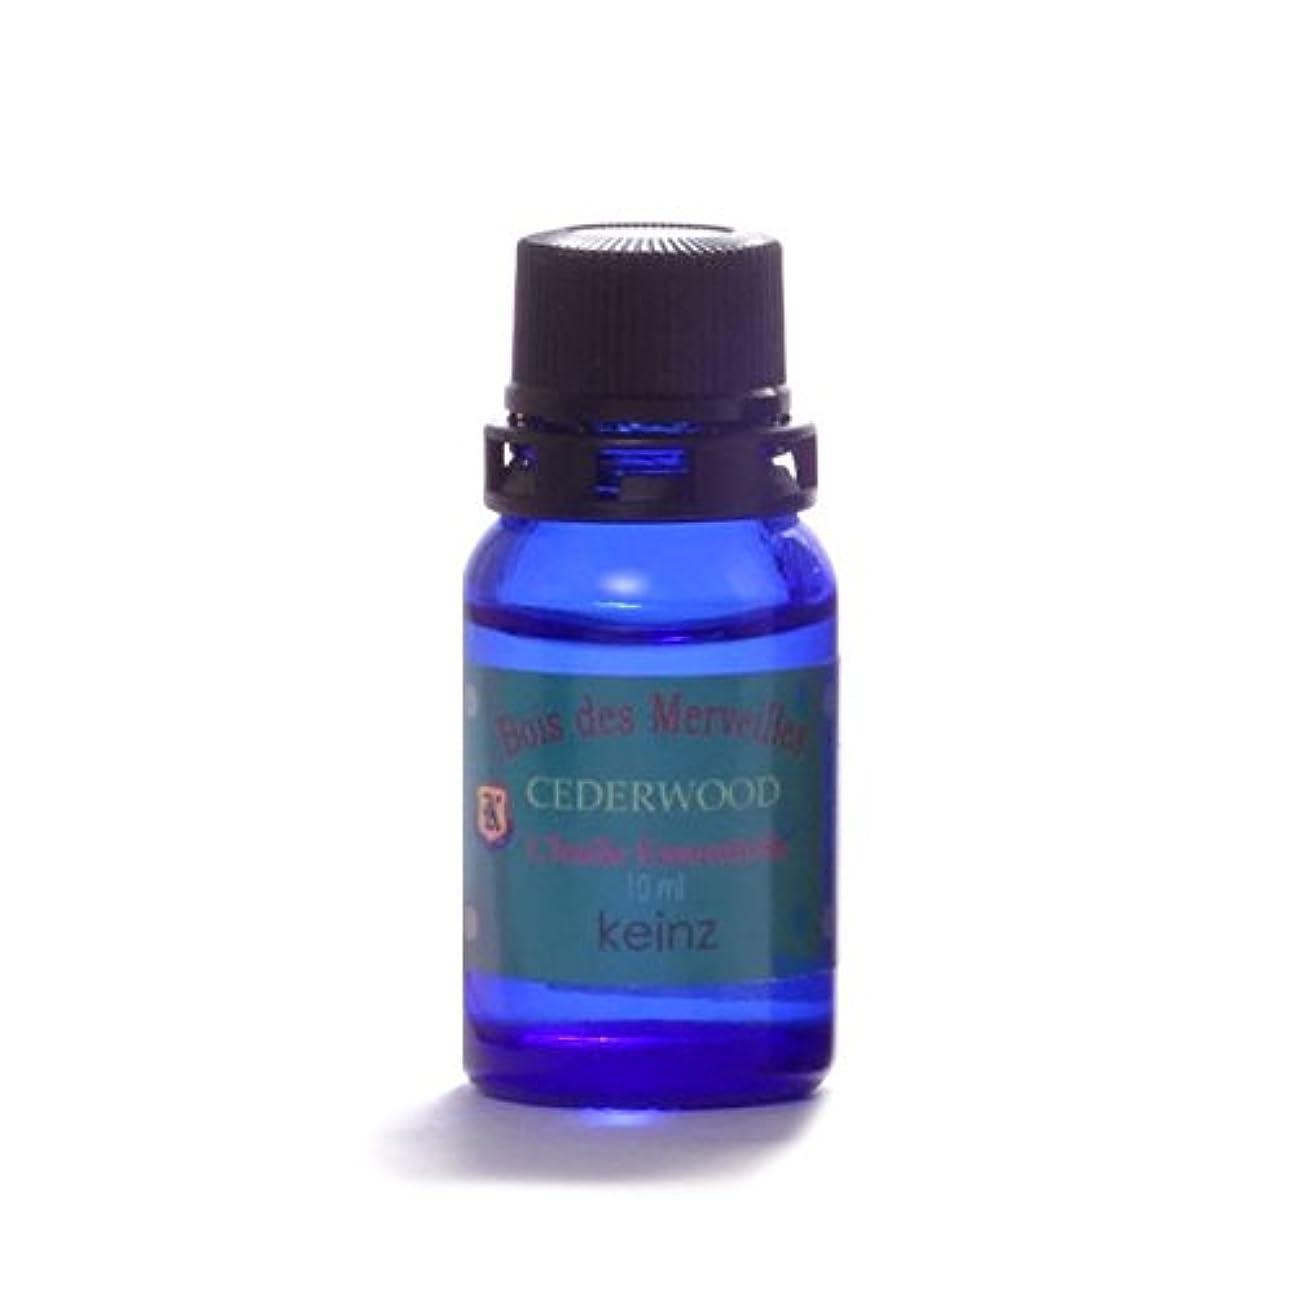 記念プレゼン砂のkeinzエッセンシャルオイル「シダーウッド10ml」 ケインズ正規品 製造国アメリカ 完全無添加 人工香料は使用していません。